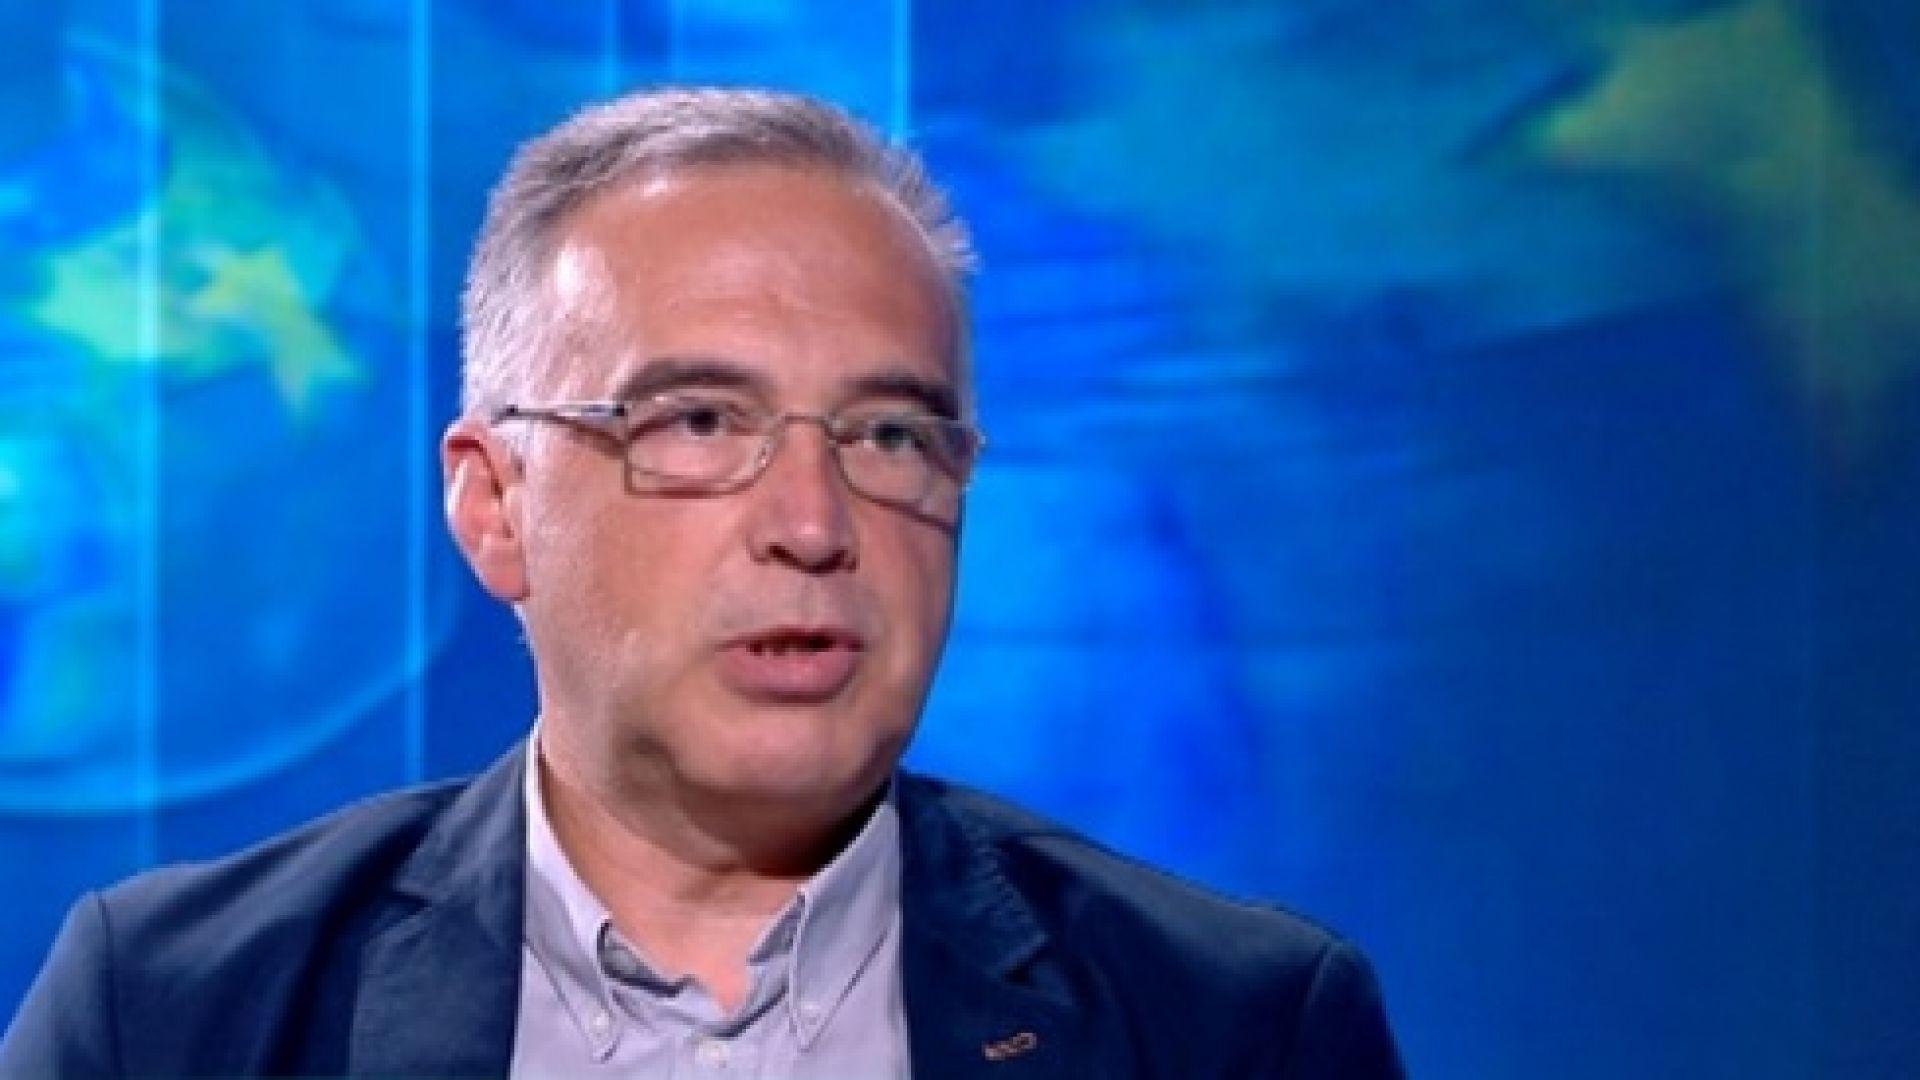 Антон Кутев: Милиарди са били отклонявани в кухи структури, за да бъдат откраднати